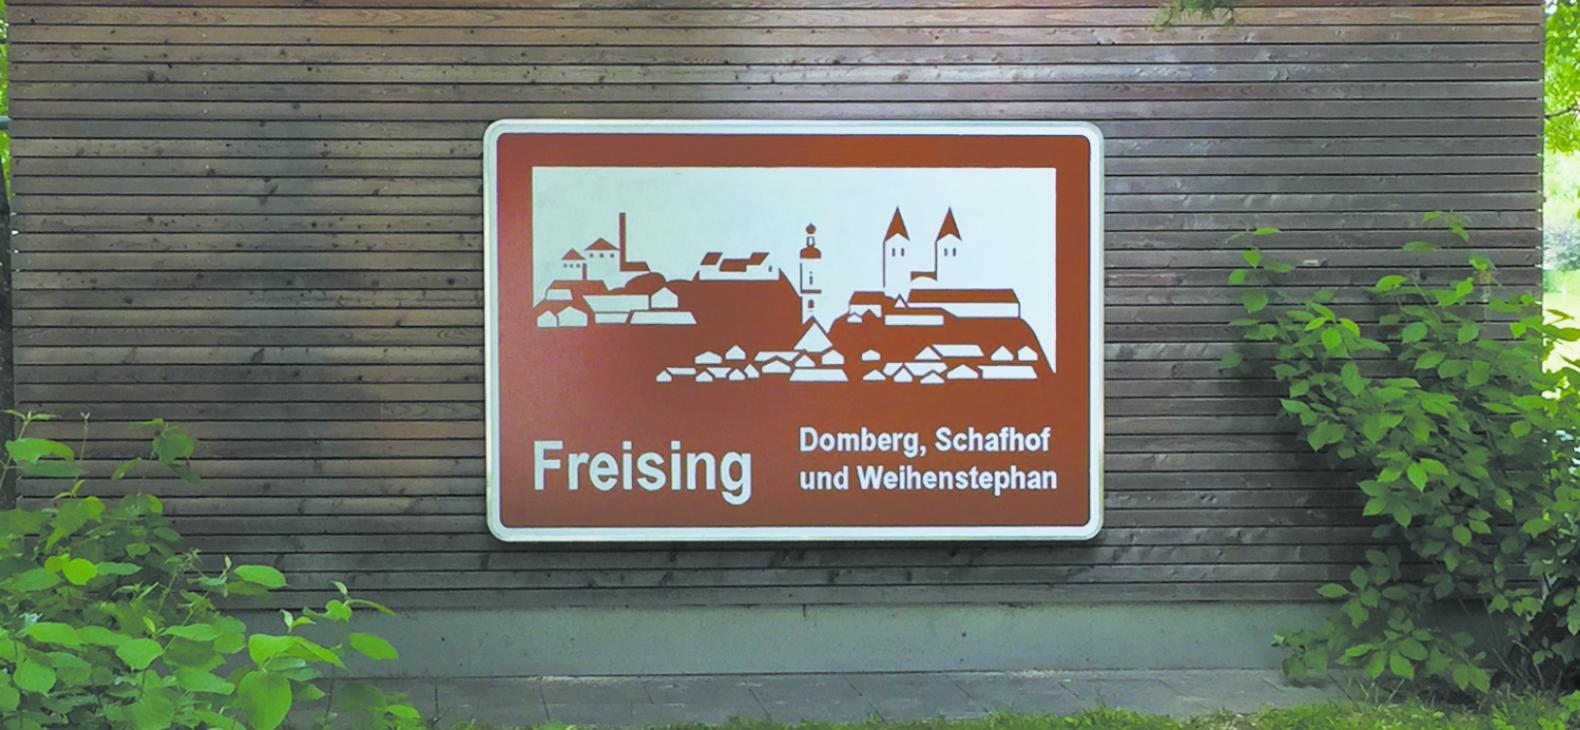 Martin Schmidt: Freising - Schafhof